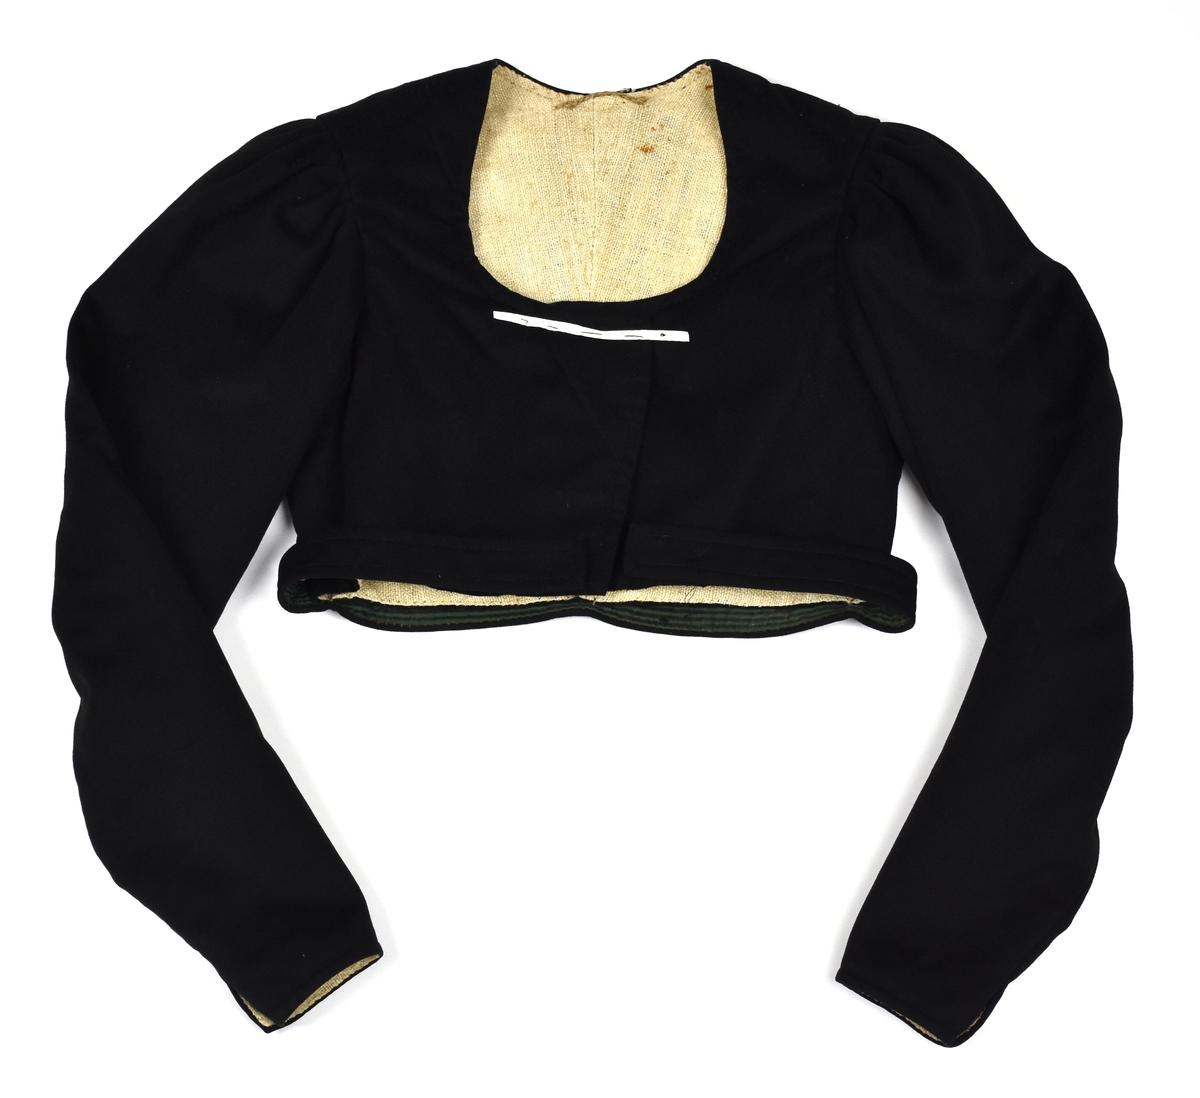 Tröja i svart kläde med foder av grovt linne (tovgarn). Tröjan har skärp i midjan som är fodrat med grönbrunrandigt bomullstyg.